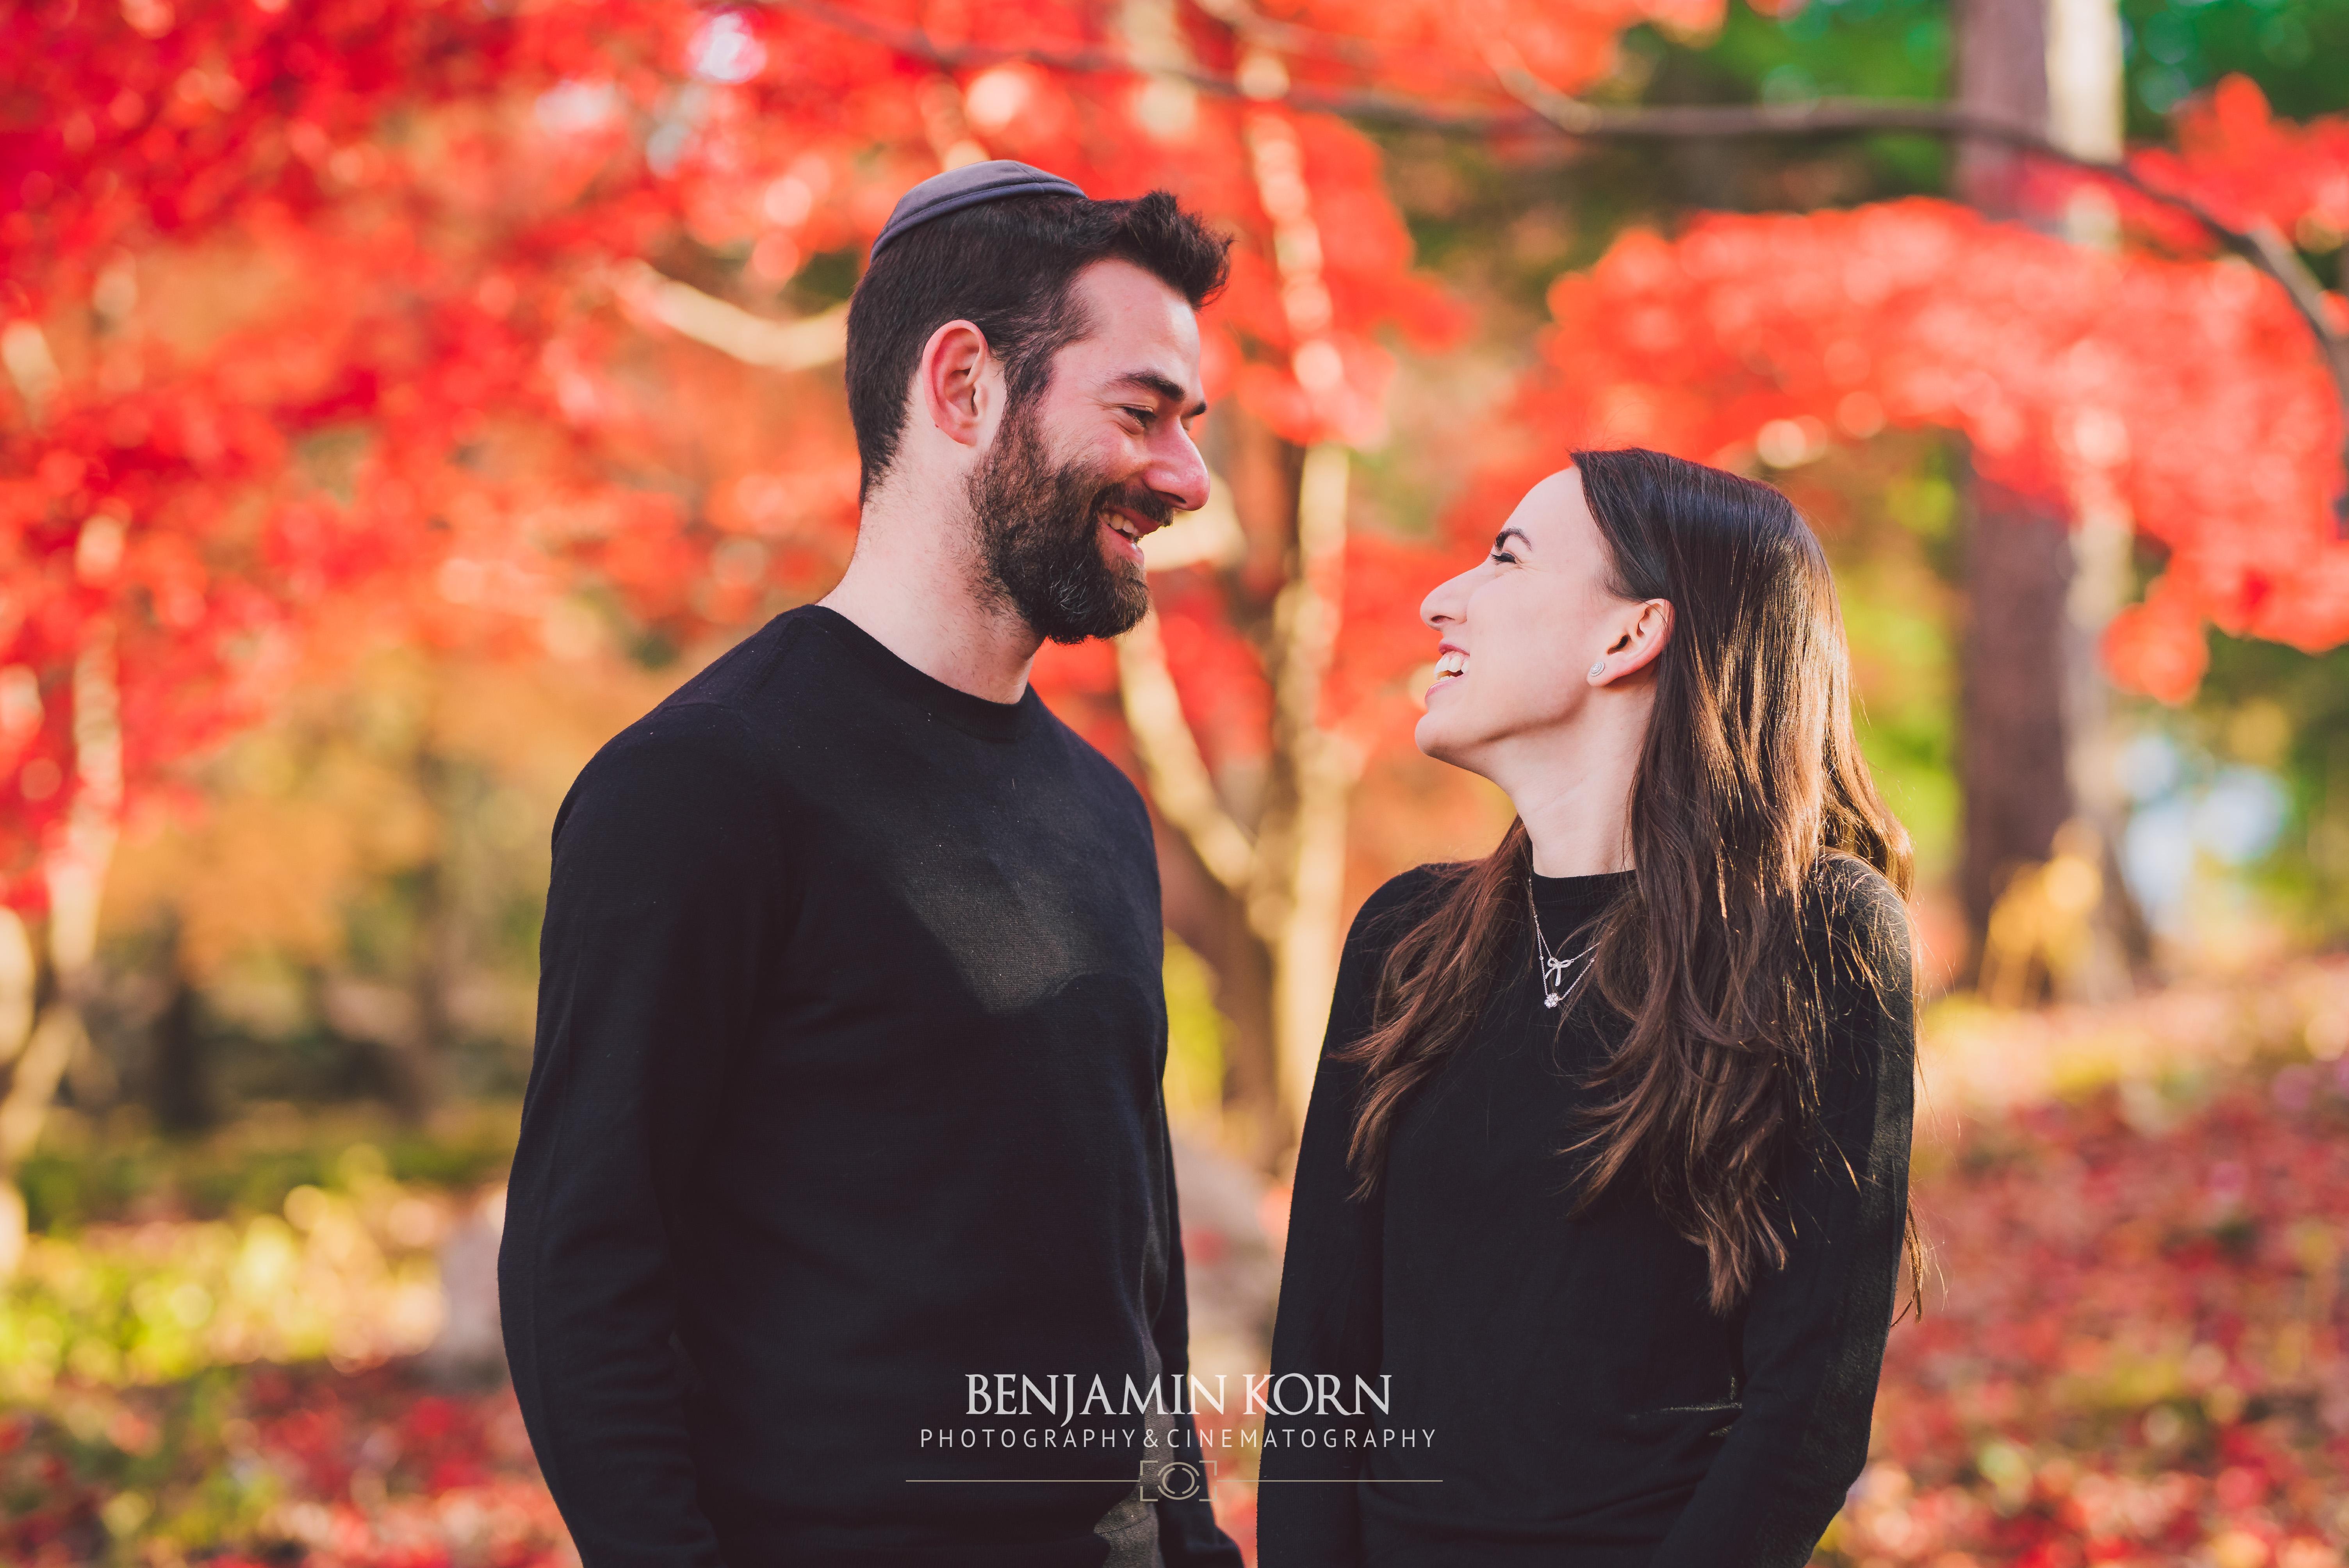 Benjamin Korn Photography-6342